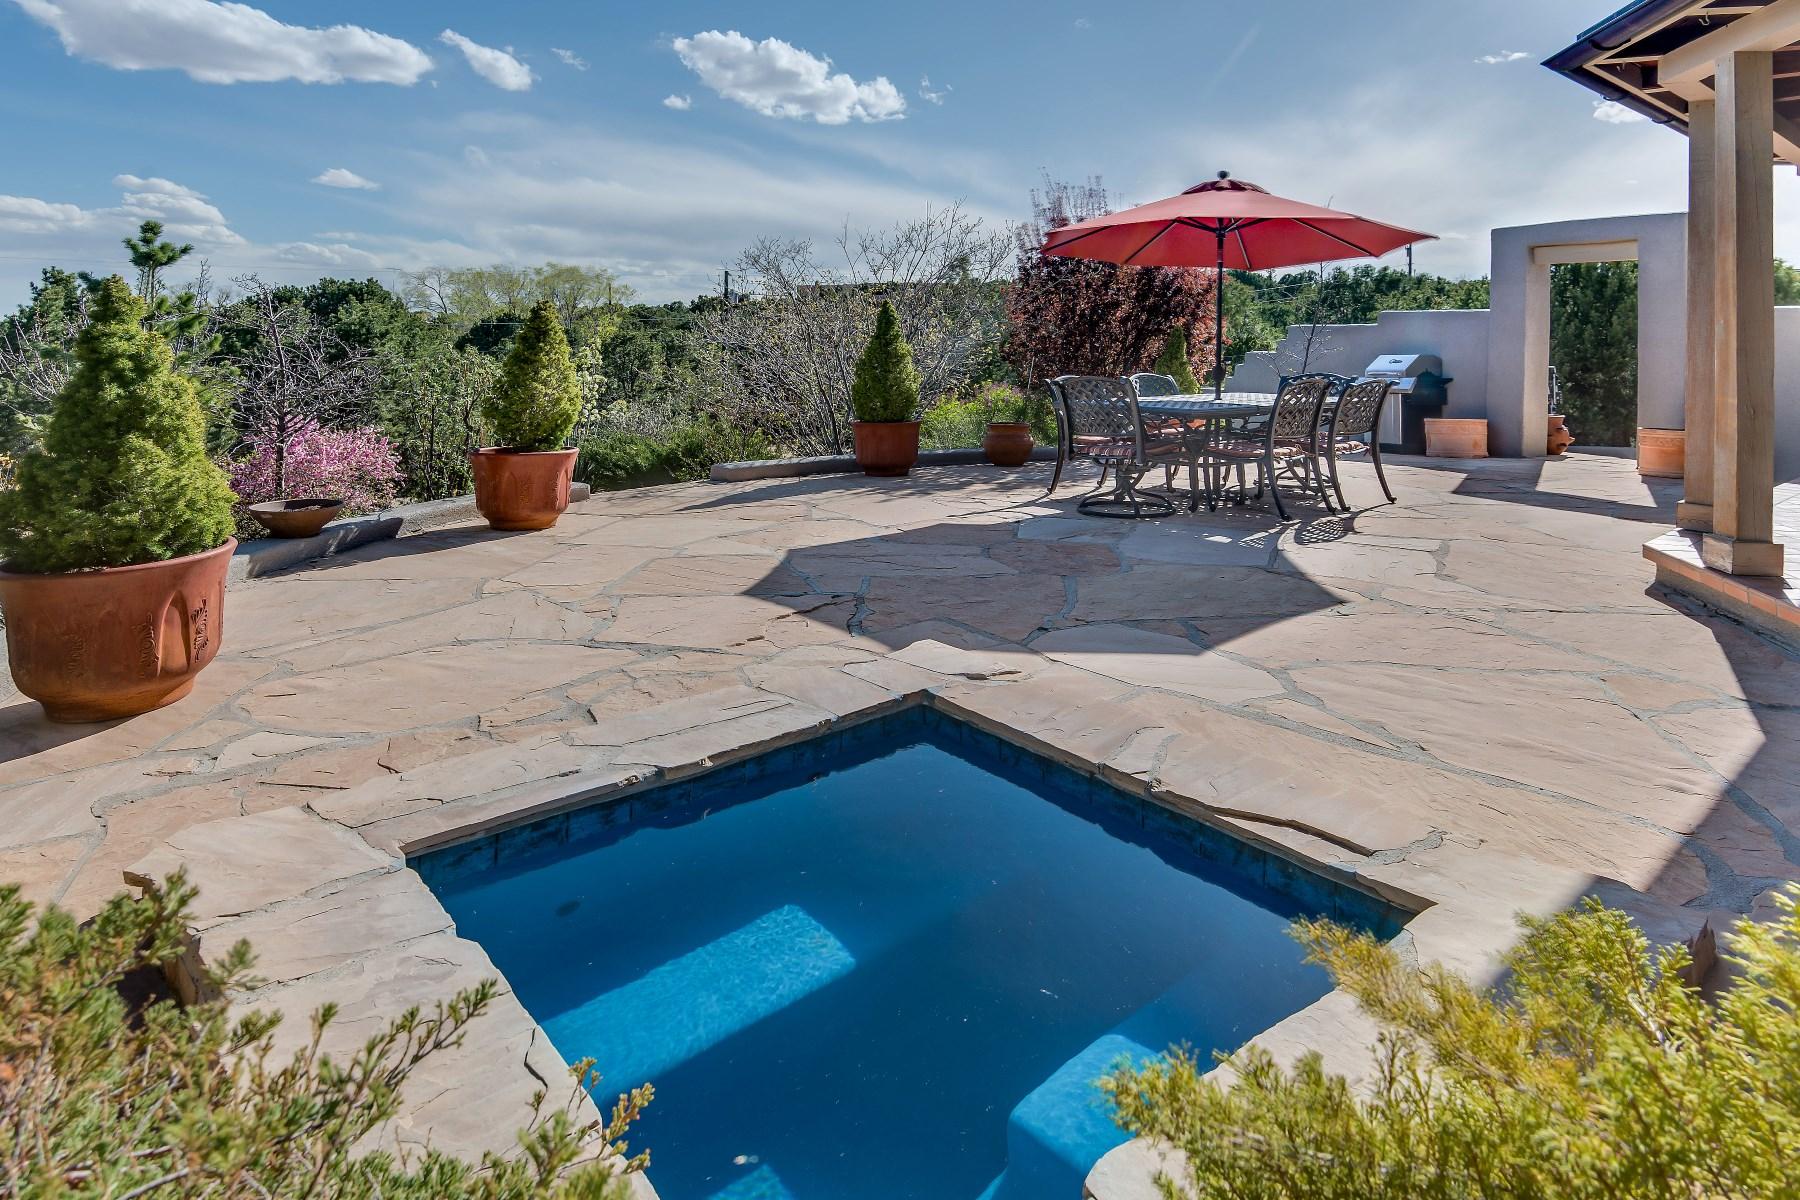 Casa para uma família para Venda às 301 Pinos Verdes 301 Pinos Verdes St Santa Fe, Novo México 87501 Estados Unidos